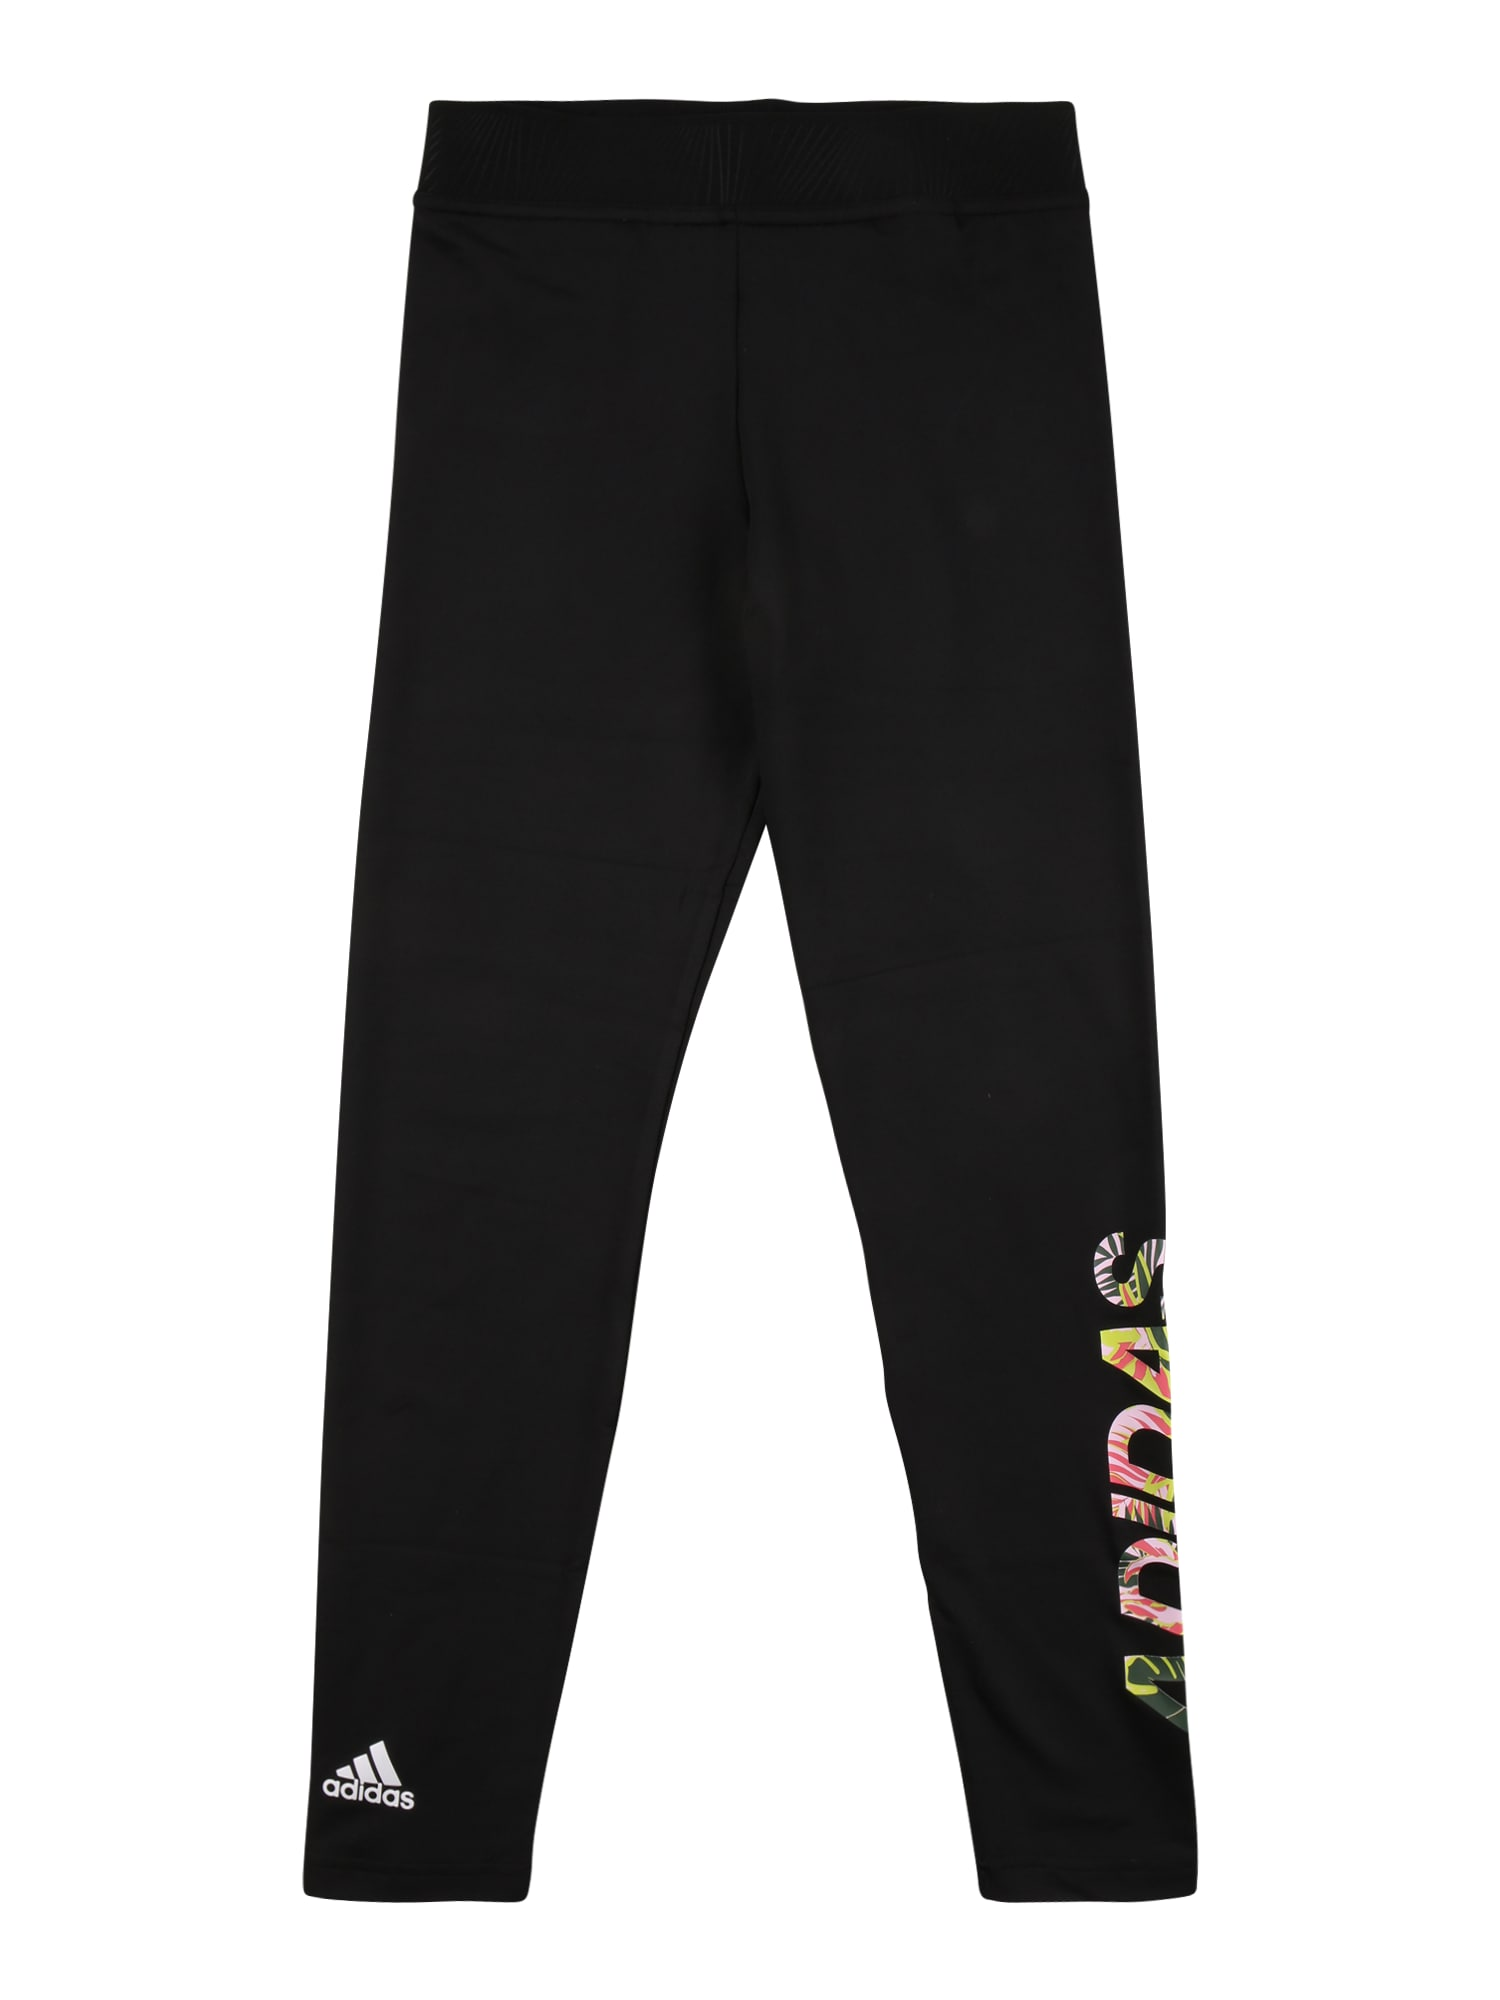 ADIDAS PERFORMANCE Sportinės kelnės juoda / balta / mišrios spalvos